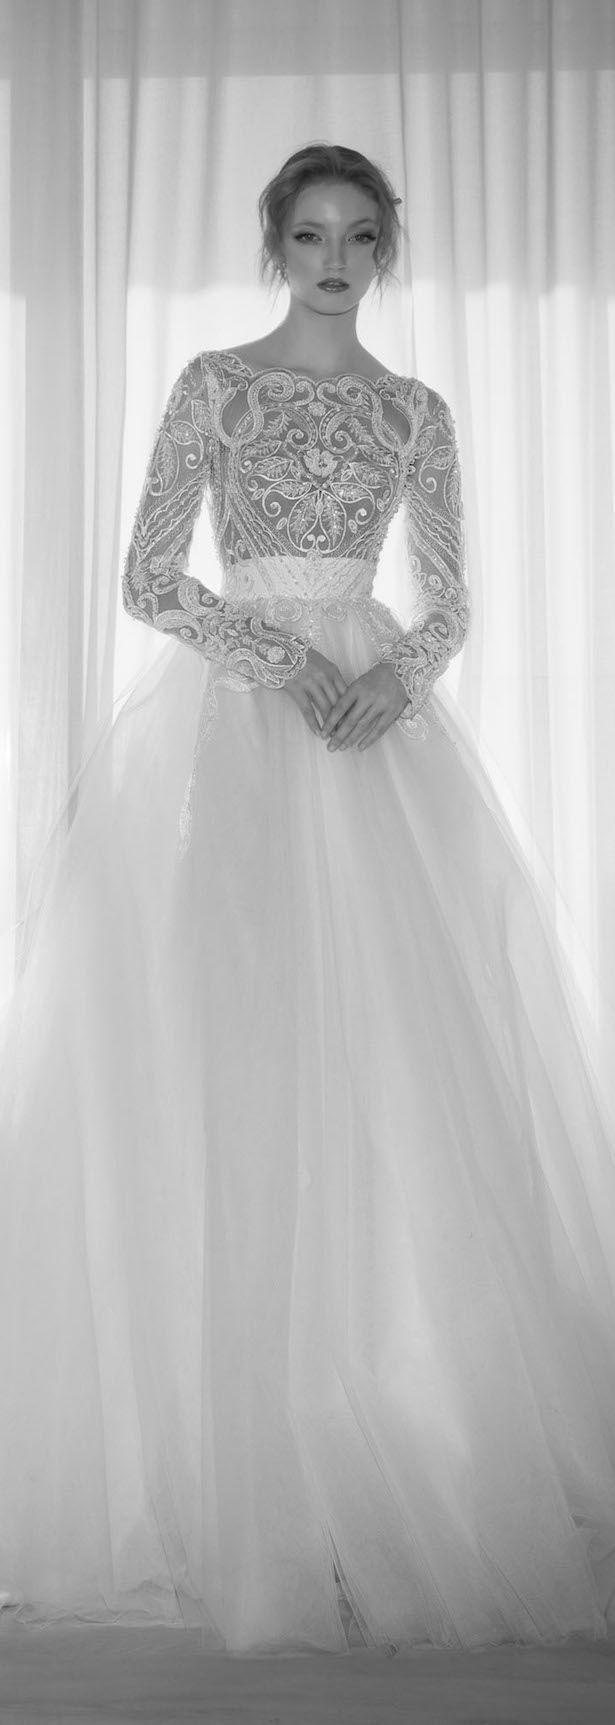 Winter Wedding Dress by Dany Mizrachi 2016